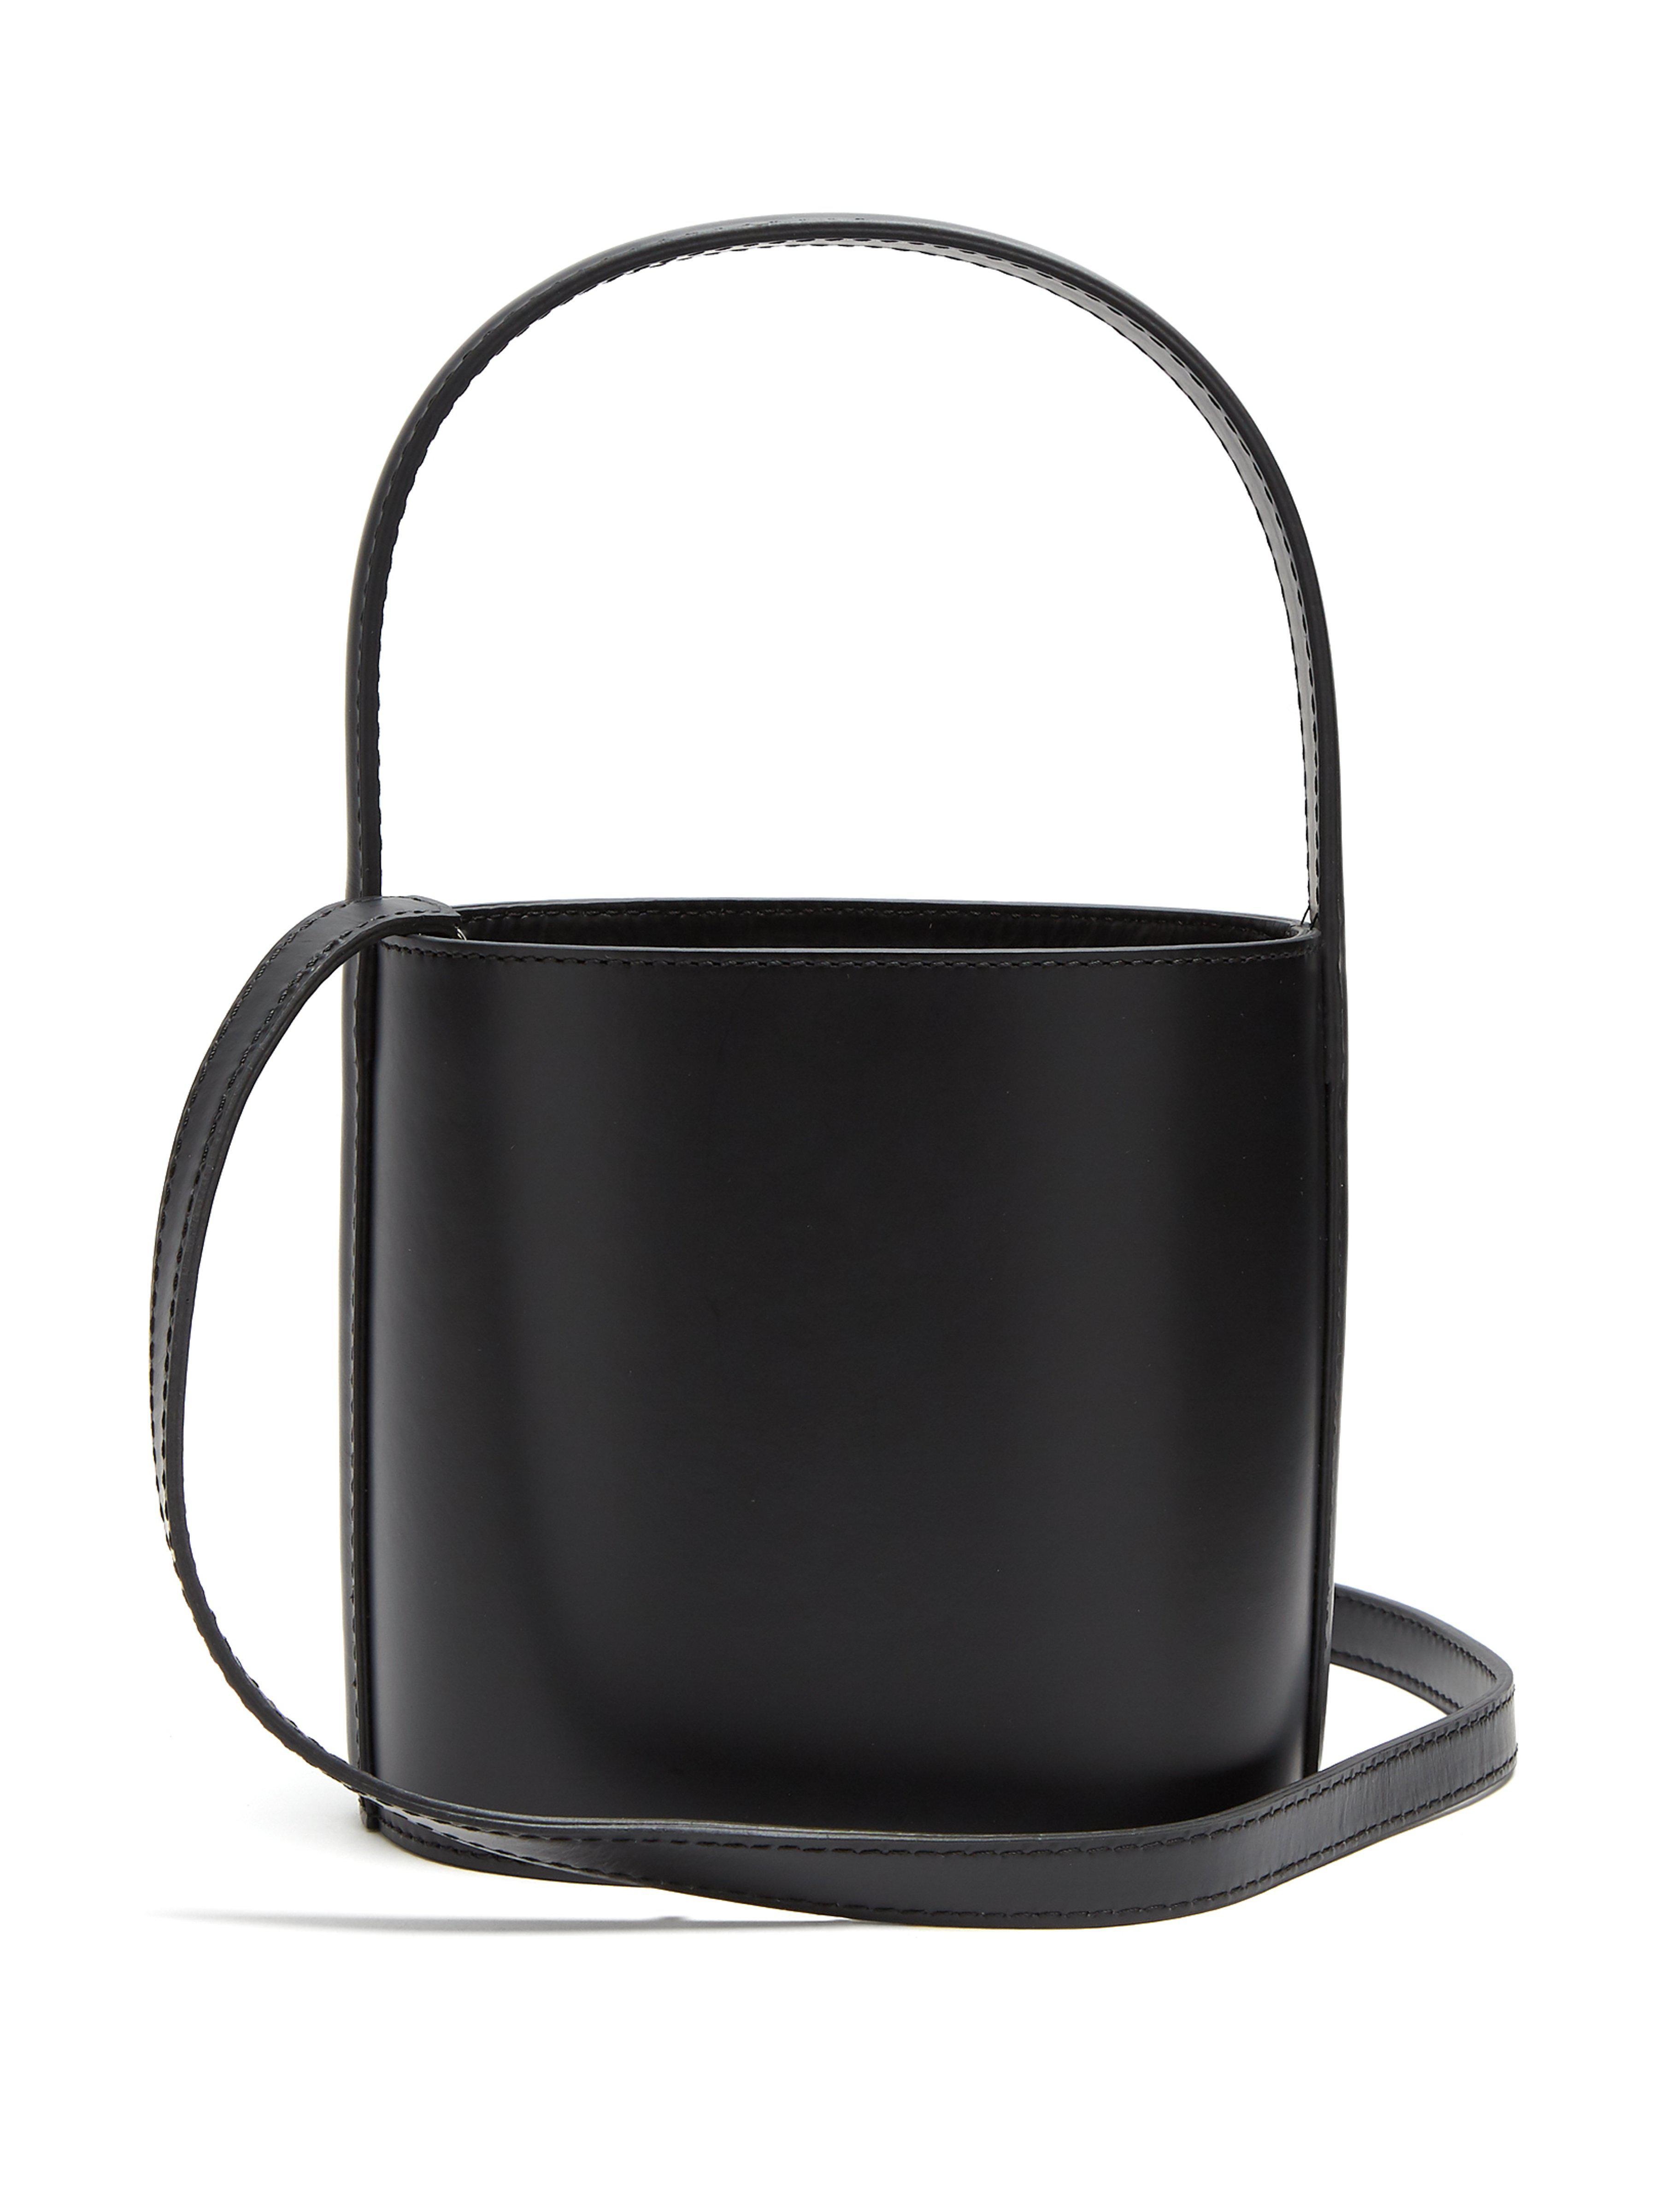 Sac seau Bissett Cuir STAUD en coloris Noir - 16 % de réduction